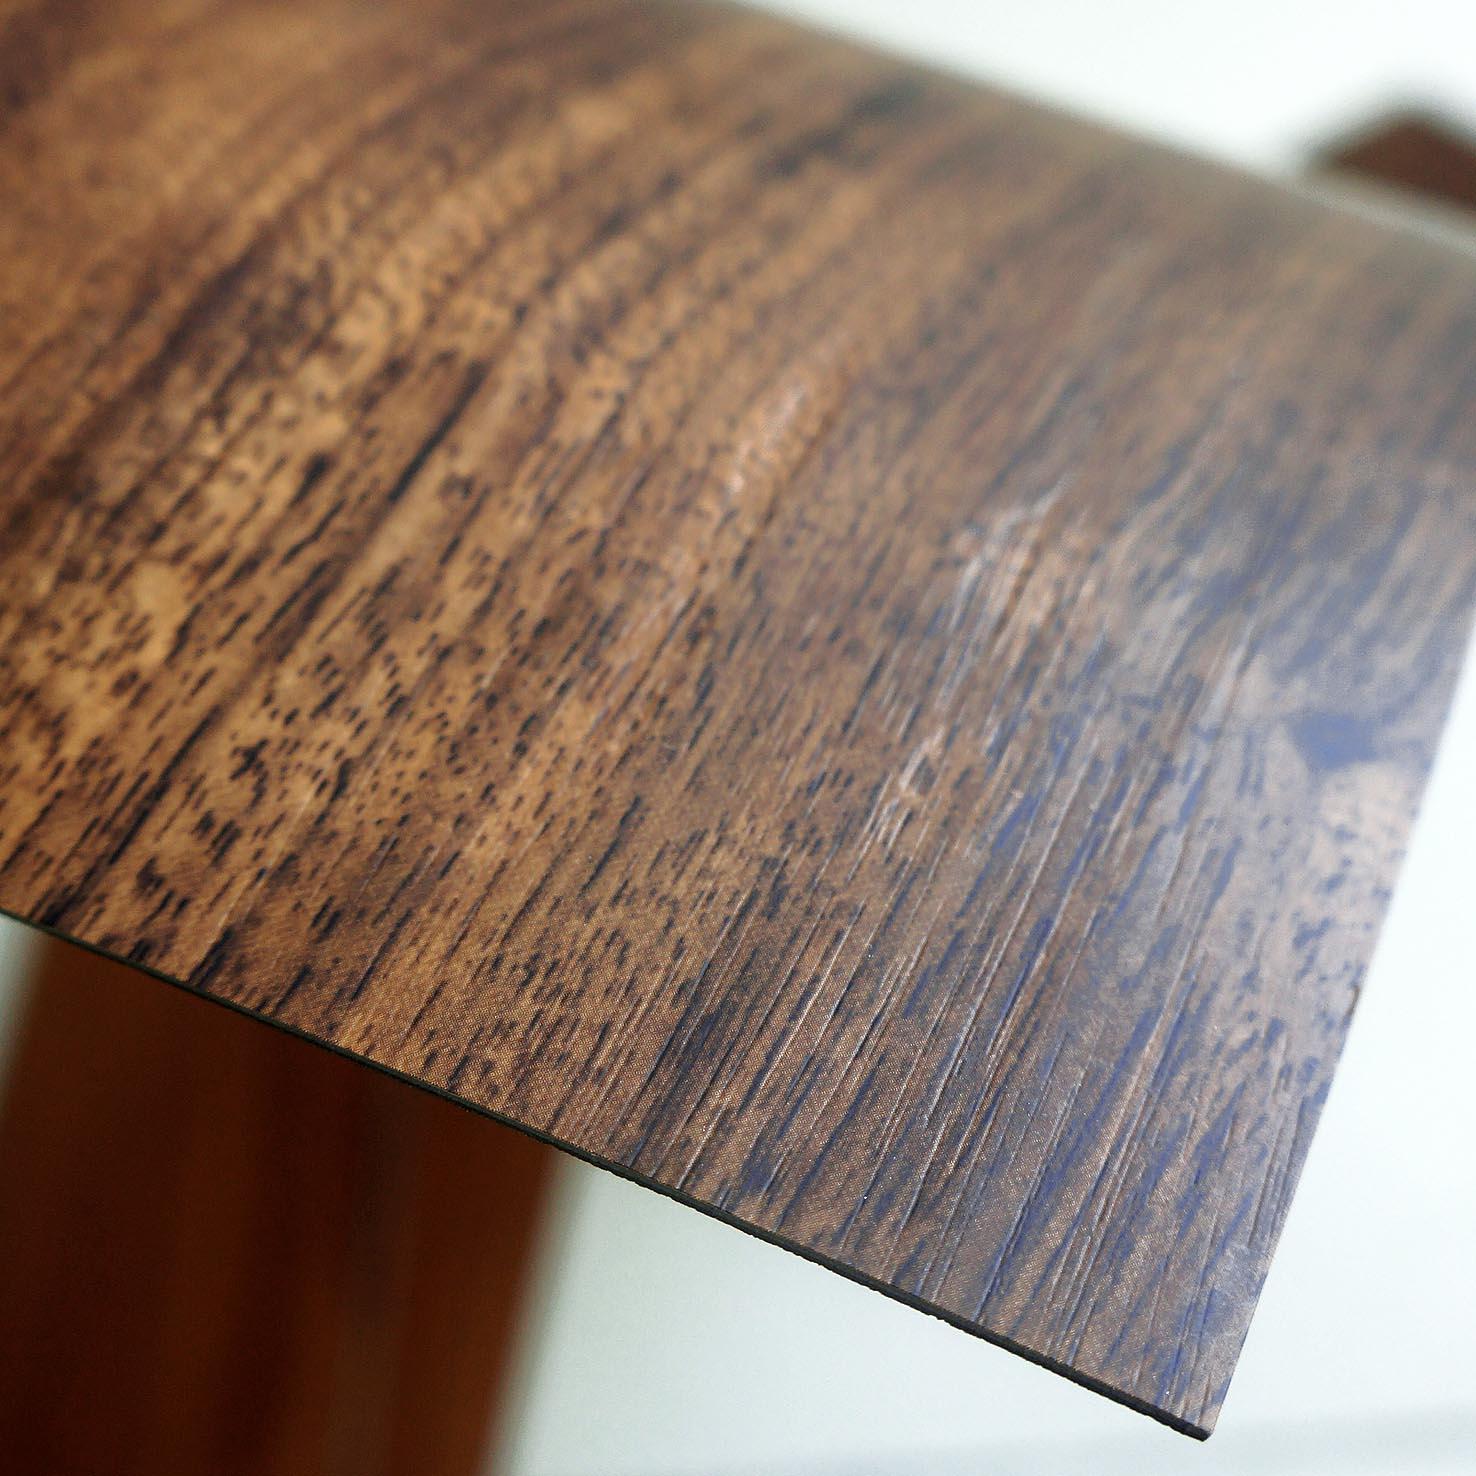 Waterproof Dry Back Vinyl Flooring Tile Topjoyflooring